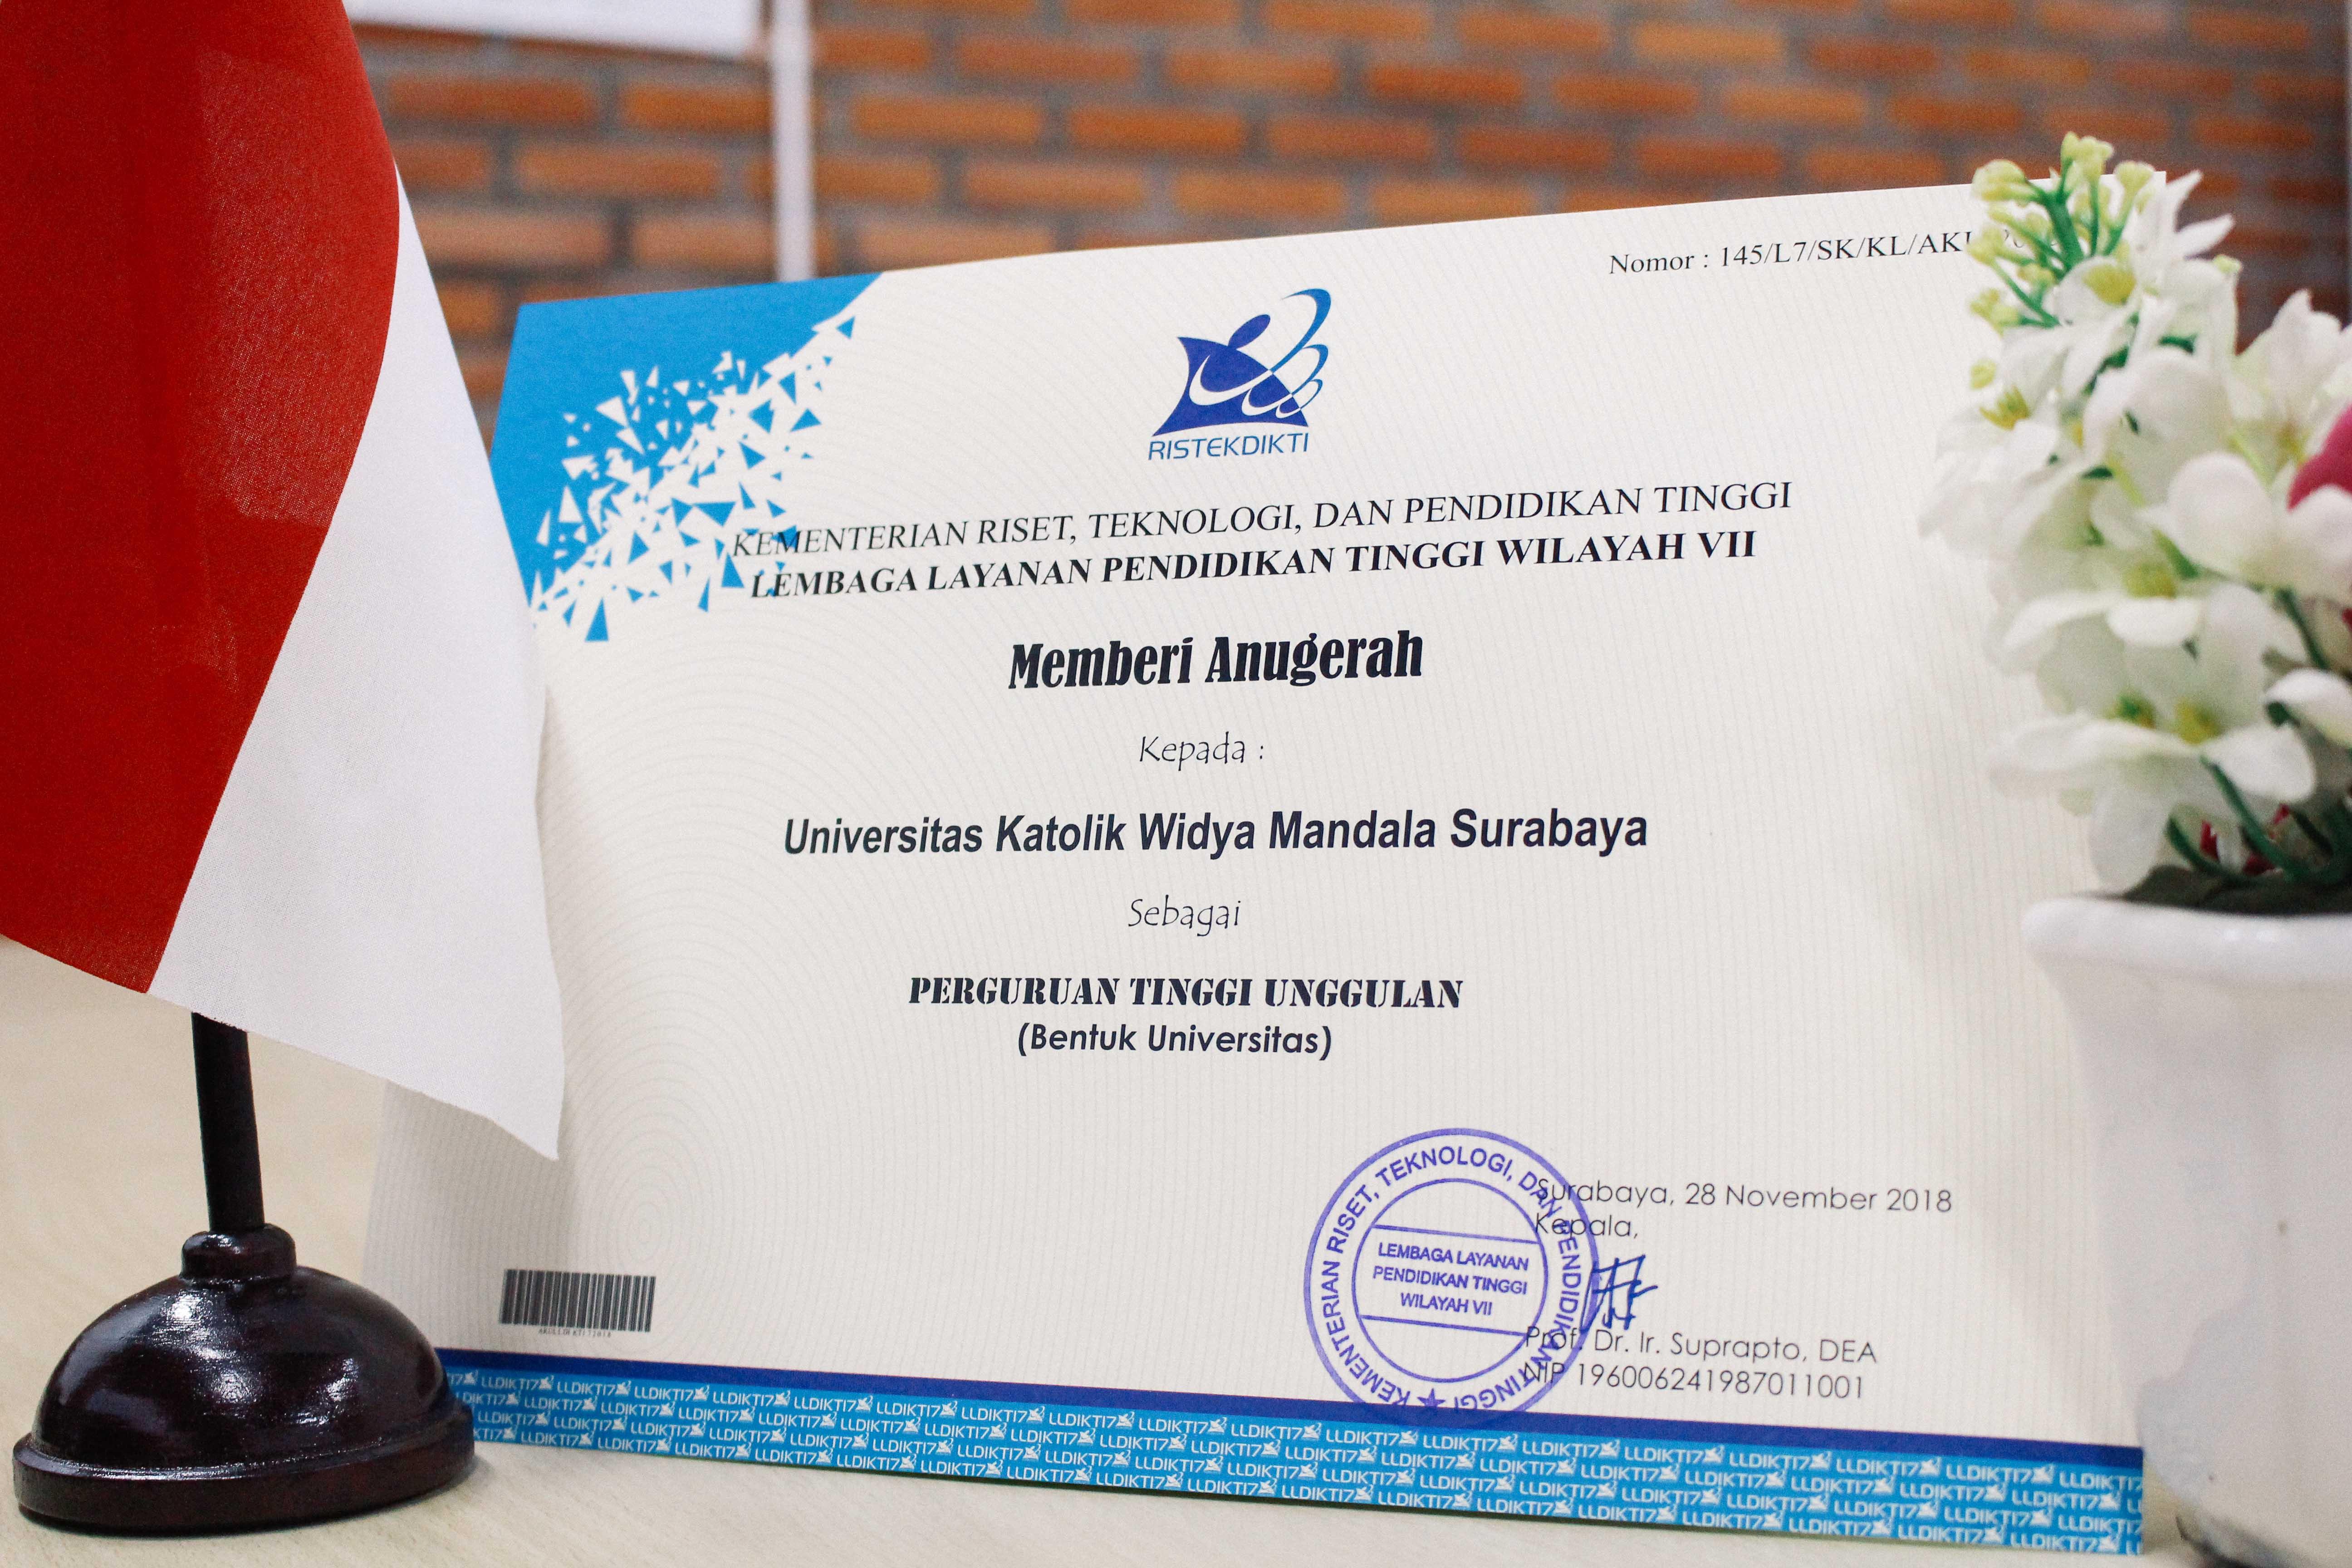 Piagam-Penghargaan-dari-KEMENRISTEKDIKTI-Untuk-Universitas-Katolik-Widya-Mandala-Surabaya